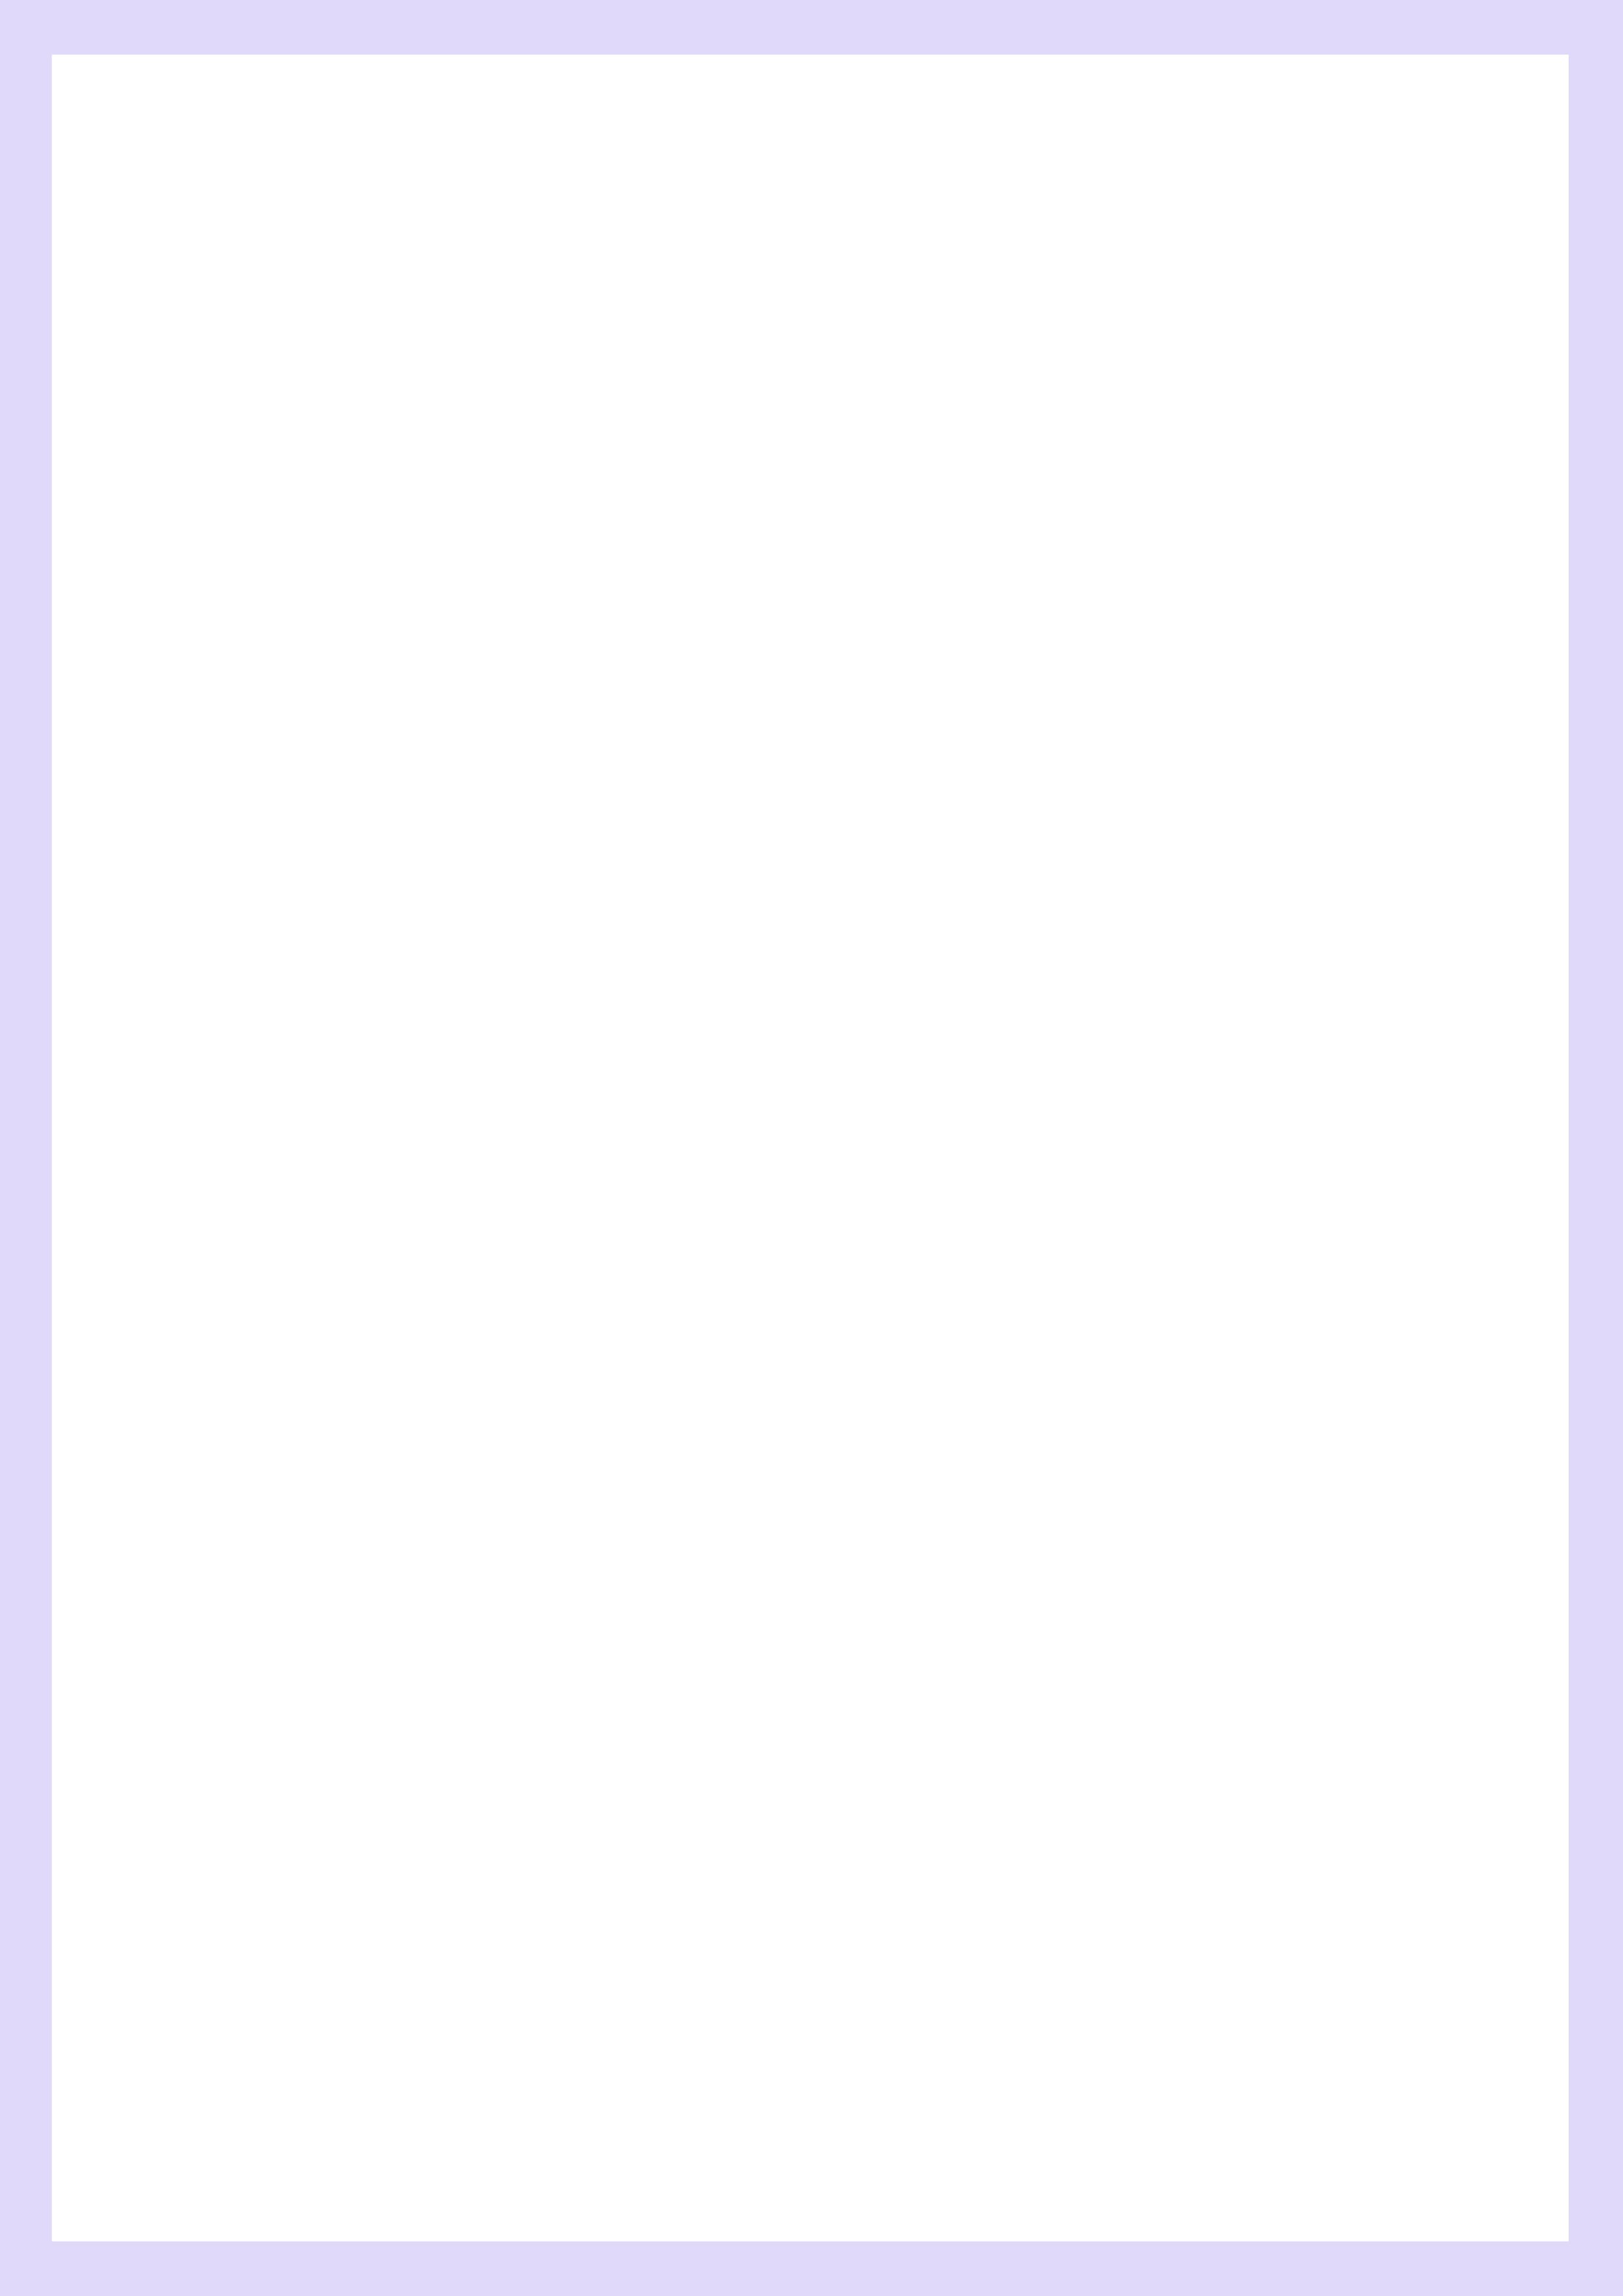 """Ecco come fare! - 1. Firma la dichiarazione dei redditi (Mod. 730 o Mod. Unico);2. Firma nel riquadro """"Sostegno delle organizzazioni non lucrative di utilità sociale, delle associazioni di promozione sociale"""", indicando il codice fiscale di ARCOS Cooperativa Sociale Onlus: 03512280177."""